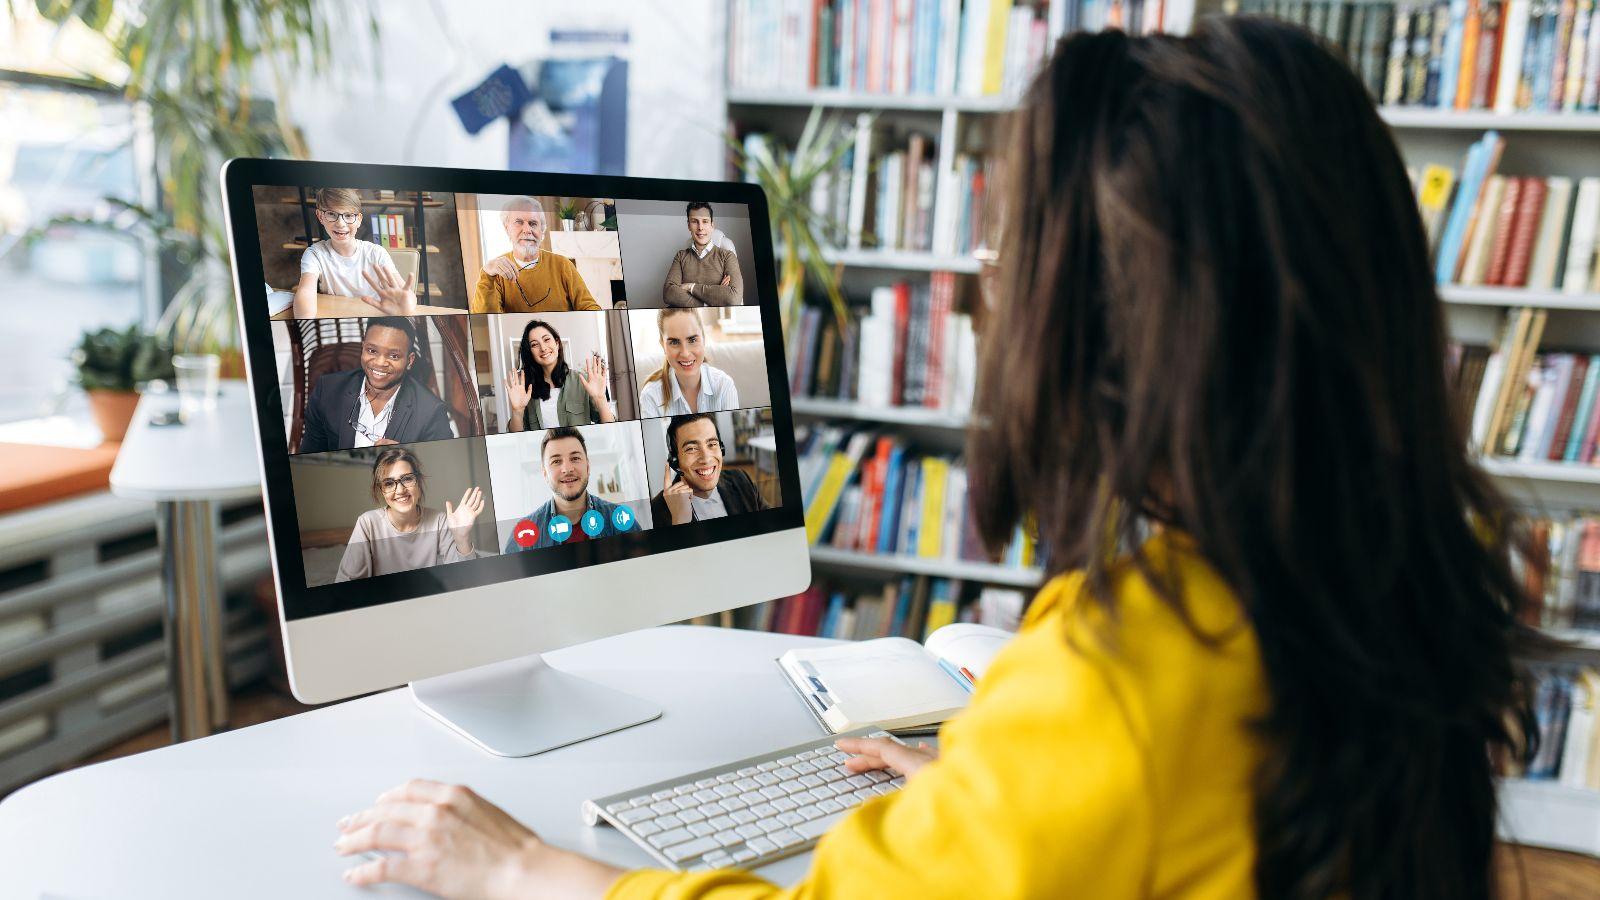 Eine Zuhörerin sitzt vor einem Bildschirm, auf dem mehrere Teilnehmende einer Online-Konferenz zu sehen sind.